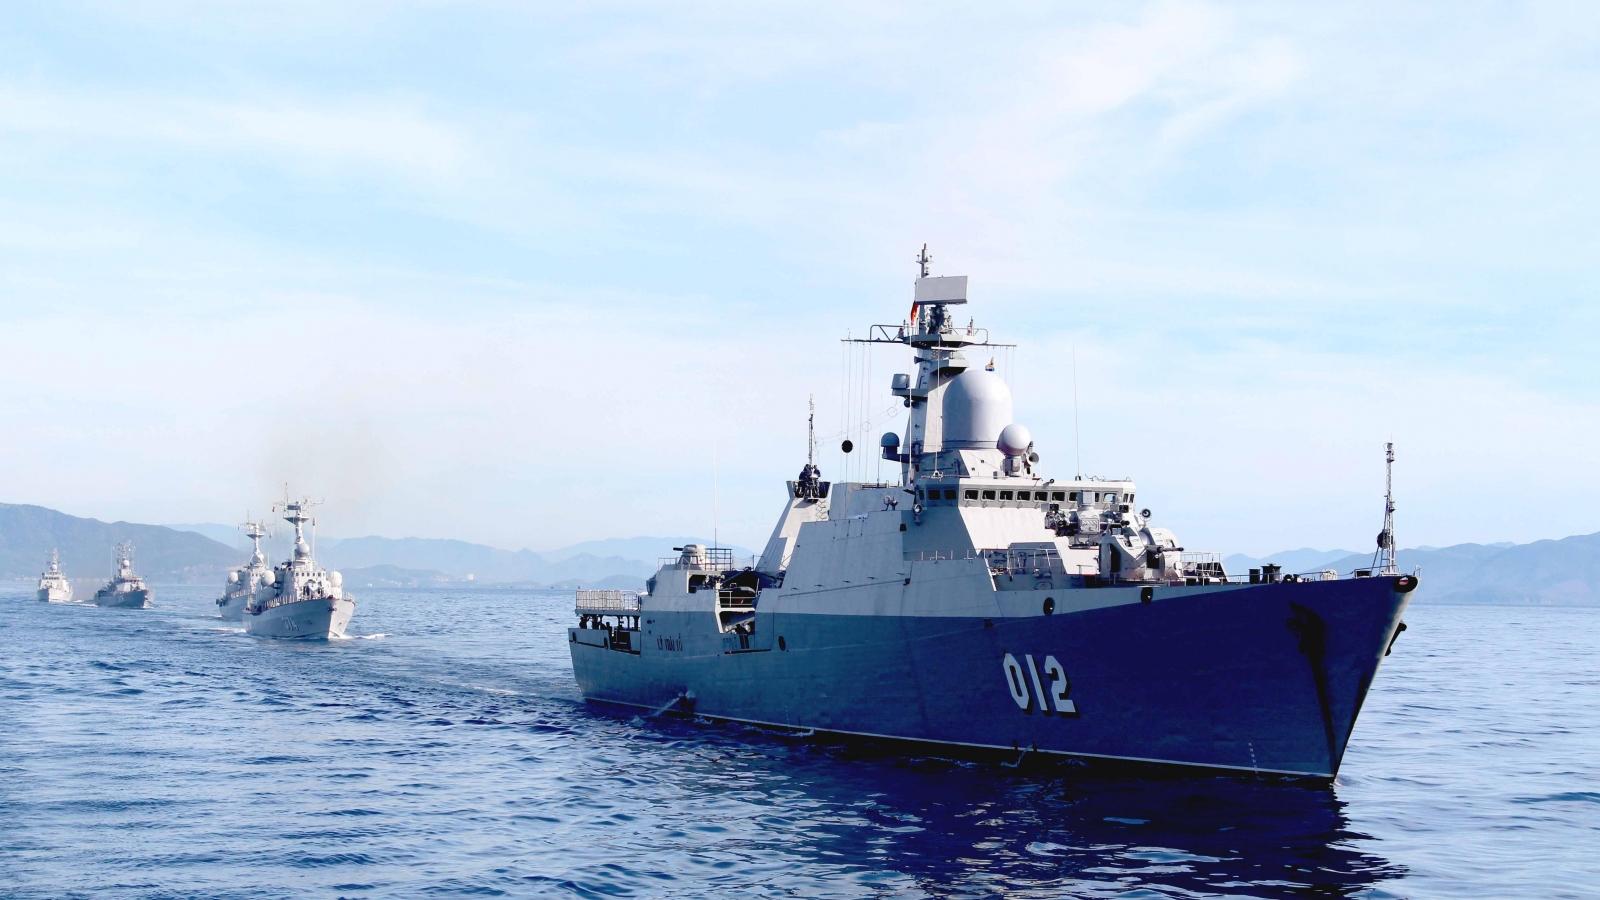 Thiêng liêng 3 hồi còi chào đón năm mới của người lính biển